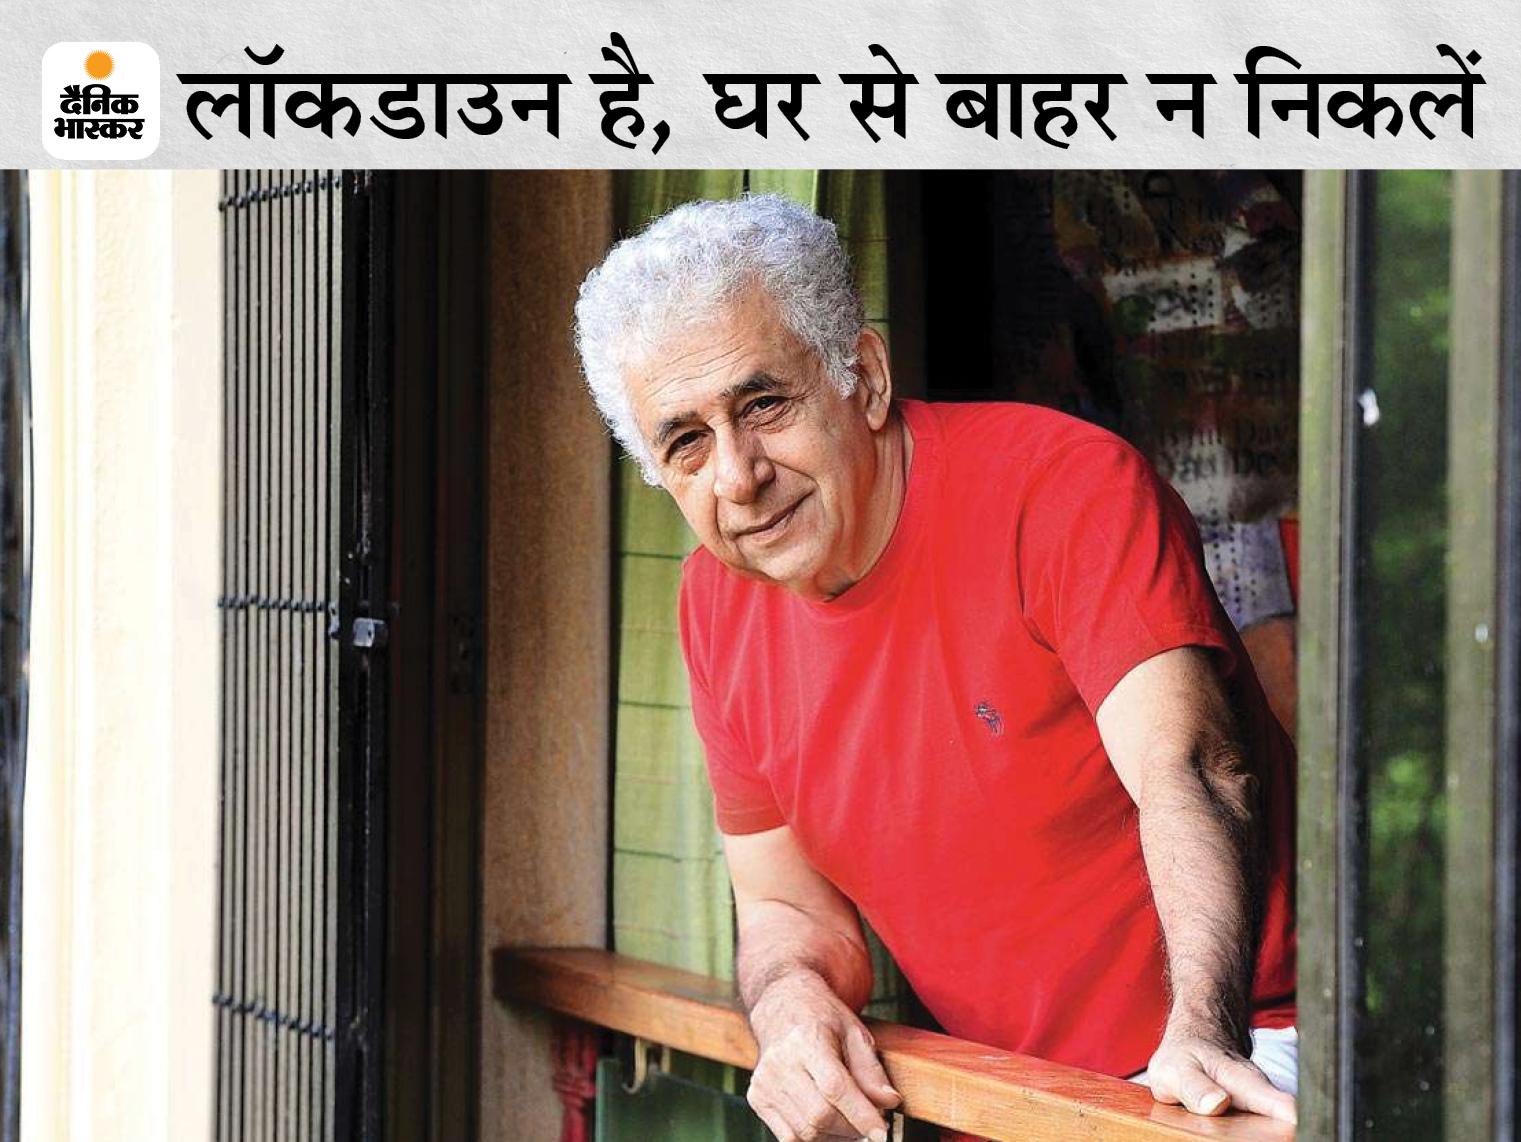 शाम की सैर पर निकले नसीरुद्दीन शाह को मुंबई पुलिस ने रोका, घर से बाहर न निकलने की सलाह दी|बॉलीवुड,Bollywood - Dainik Bhaskar